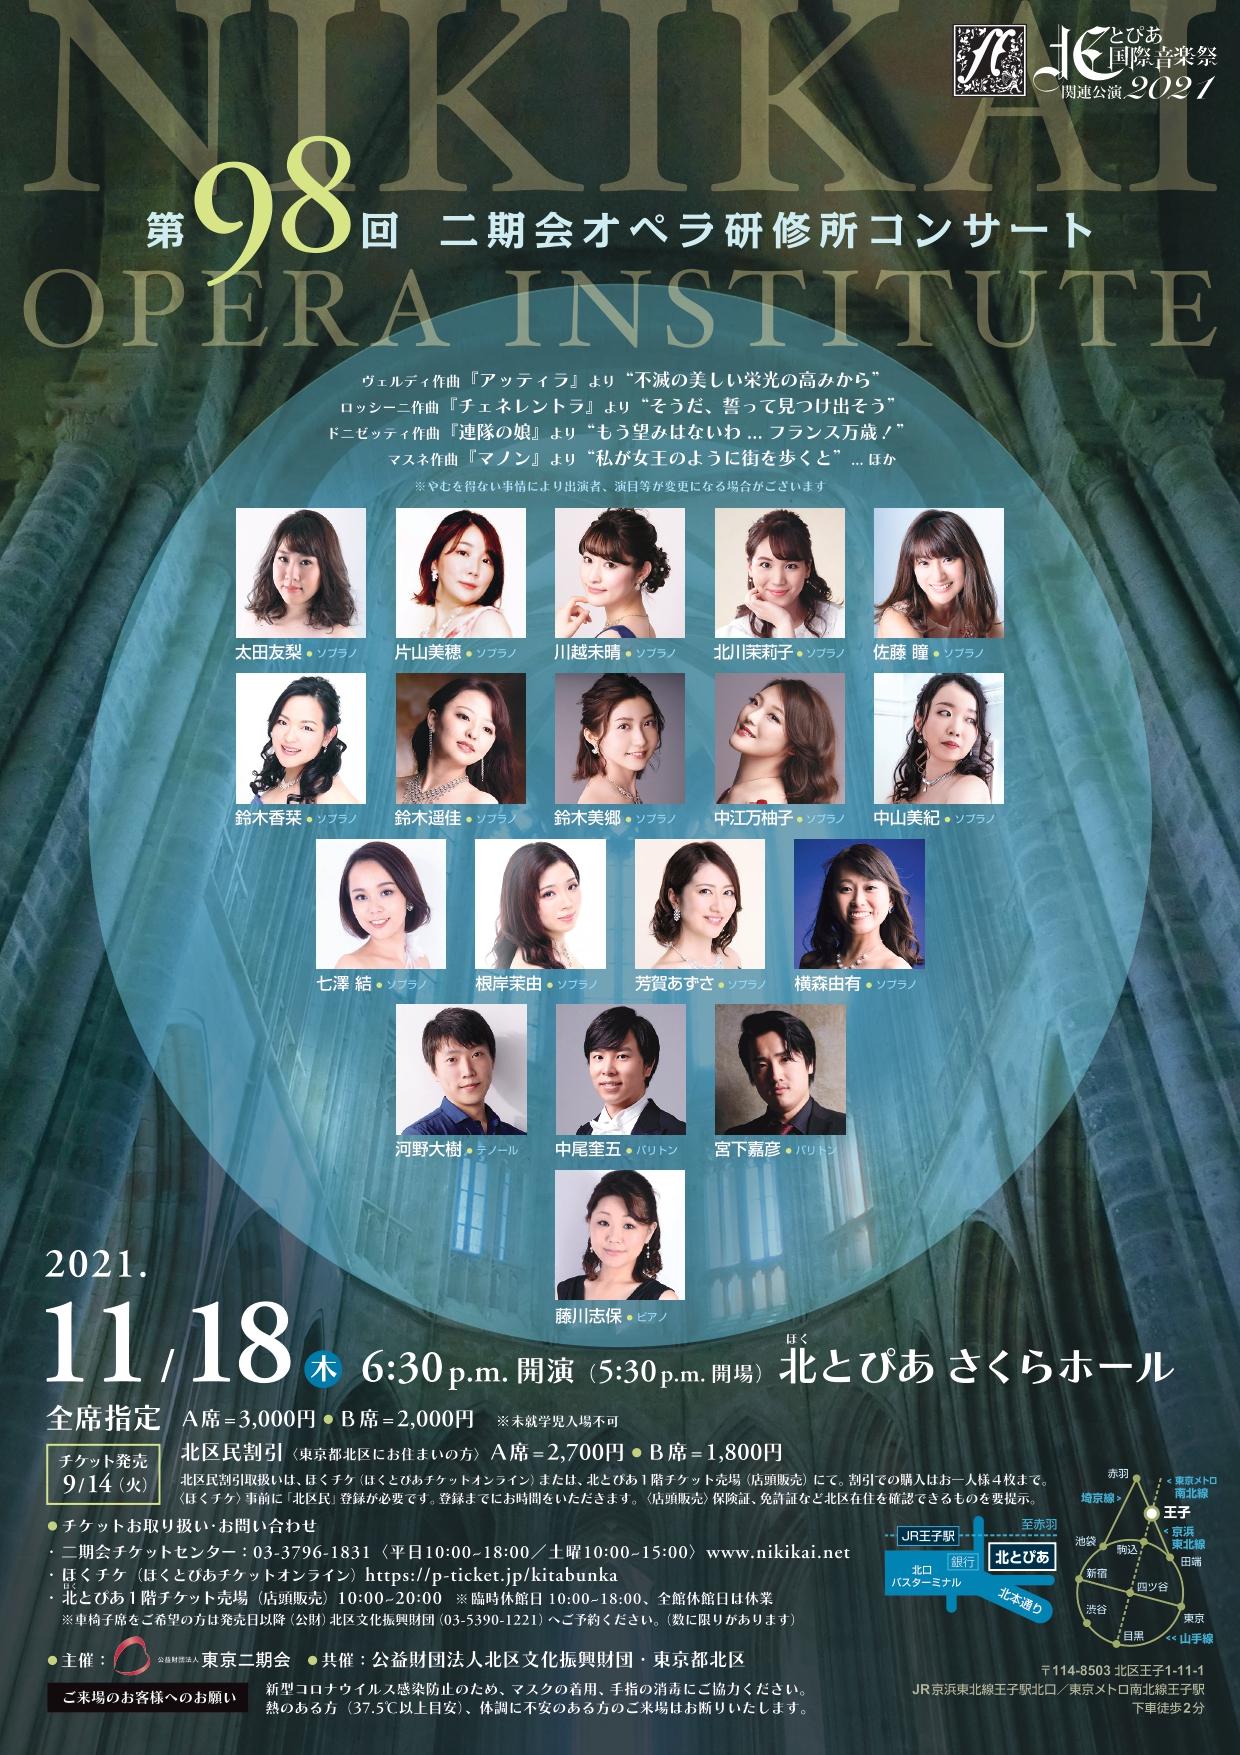 第98回二期会オペラ研修所コンサートの画像